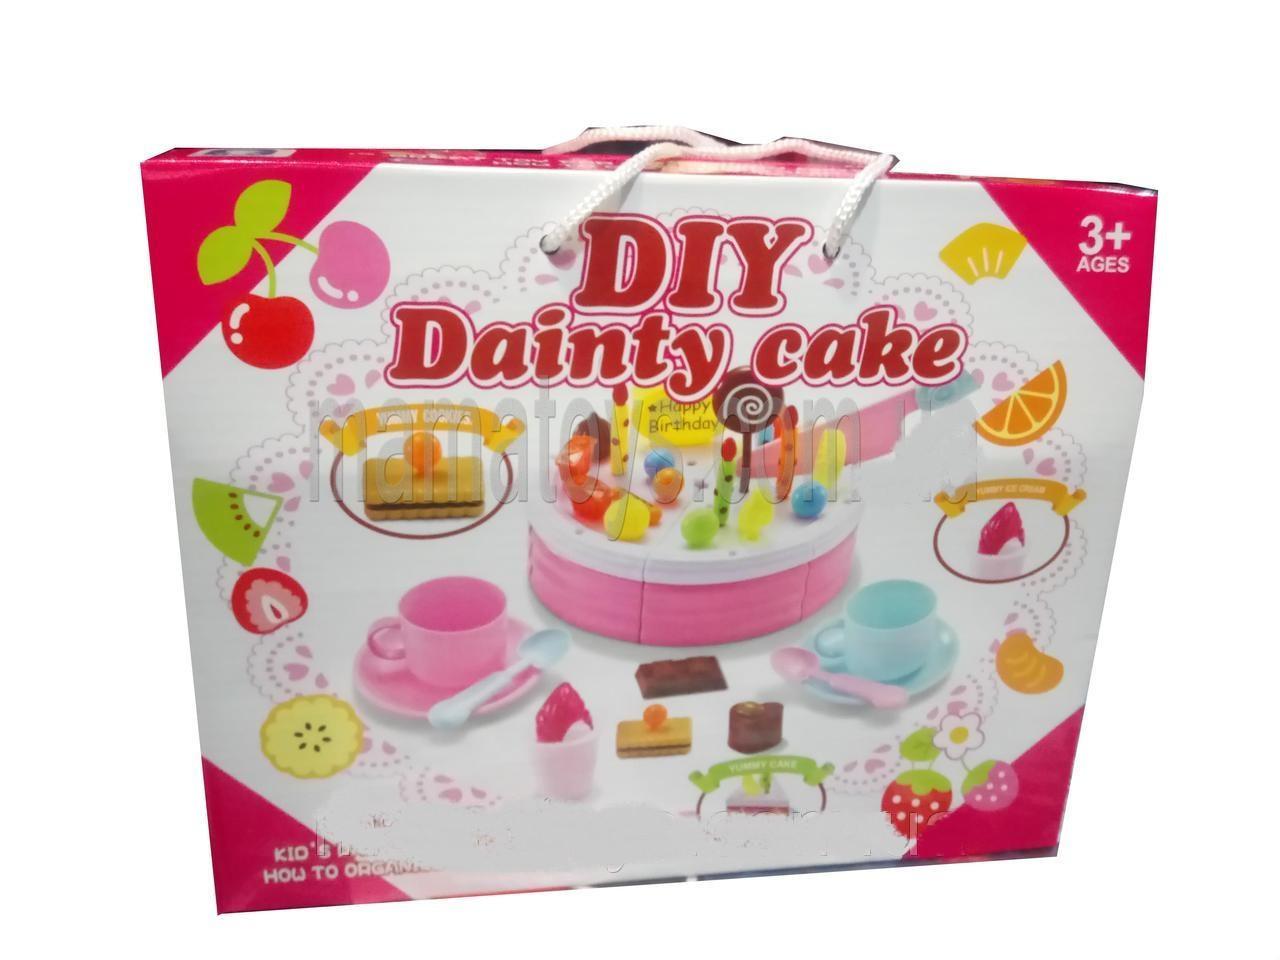 89e21e1e6c9cb Набор продукты на липучке LKE12J, торт, украшения для торта, посуда, игрушечные  продукты